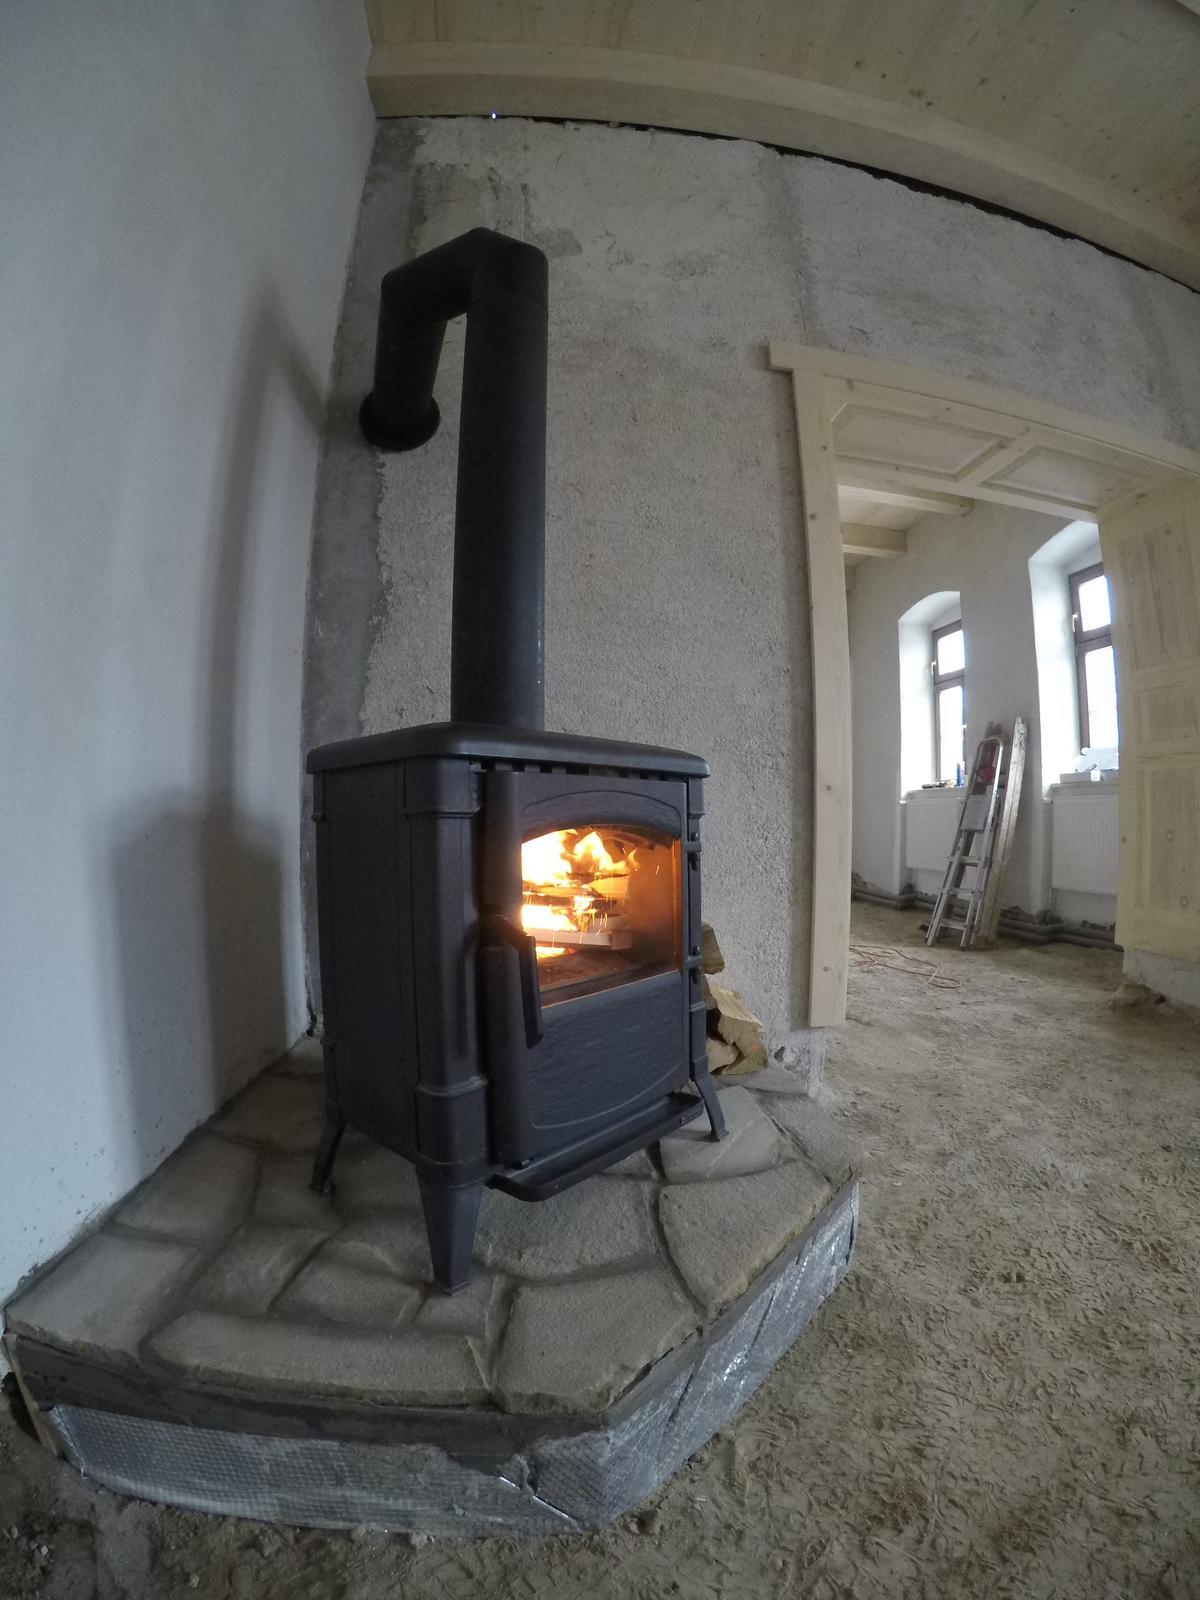 Rekonstrukcia  domu z 18- teho storocia - liatinova piecka nordica viola